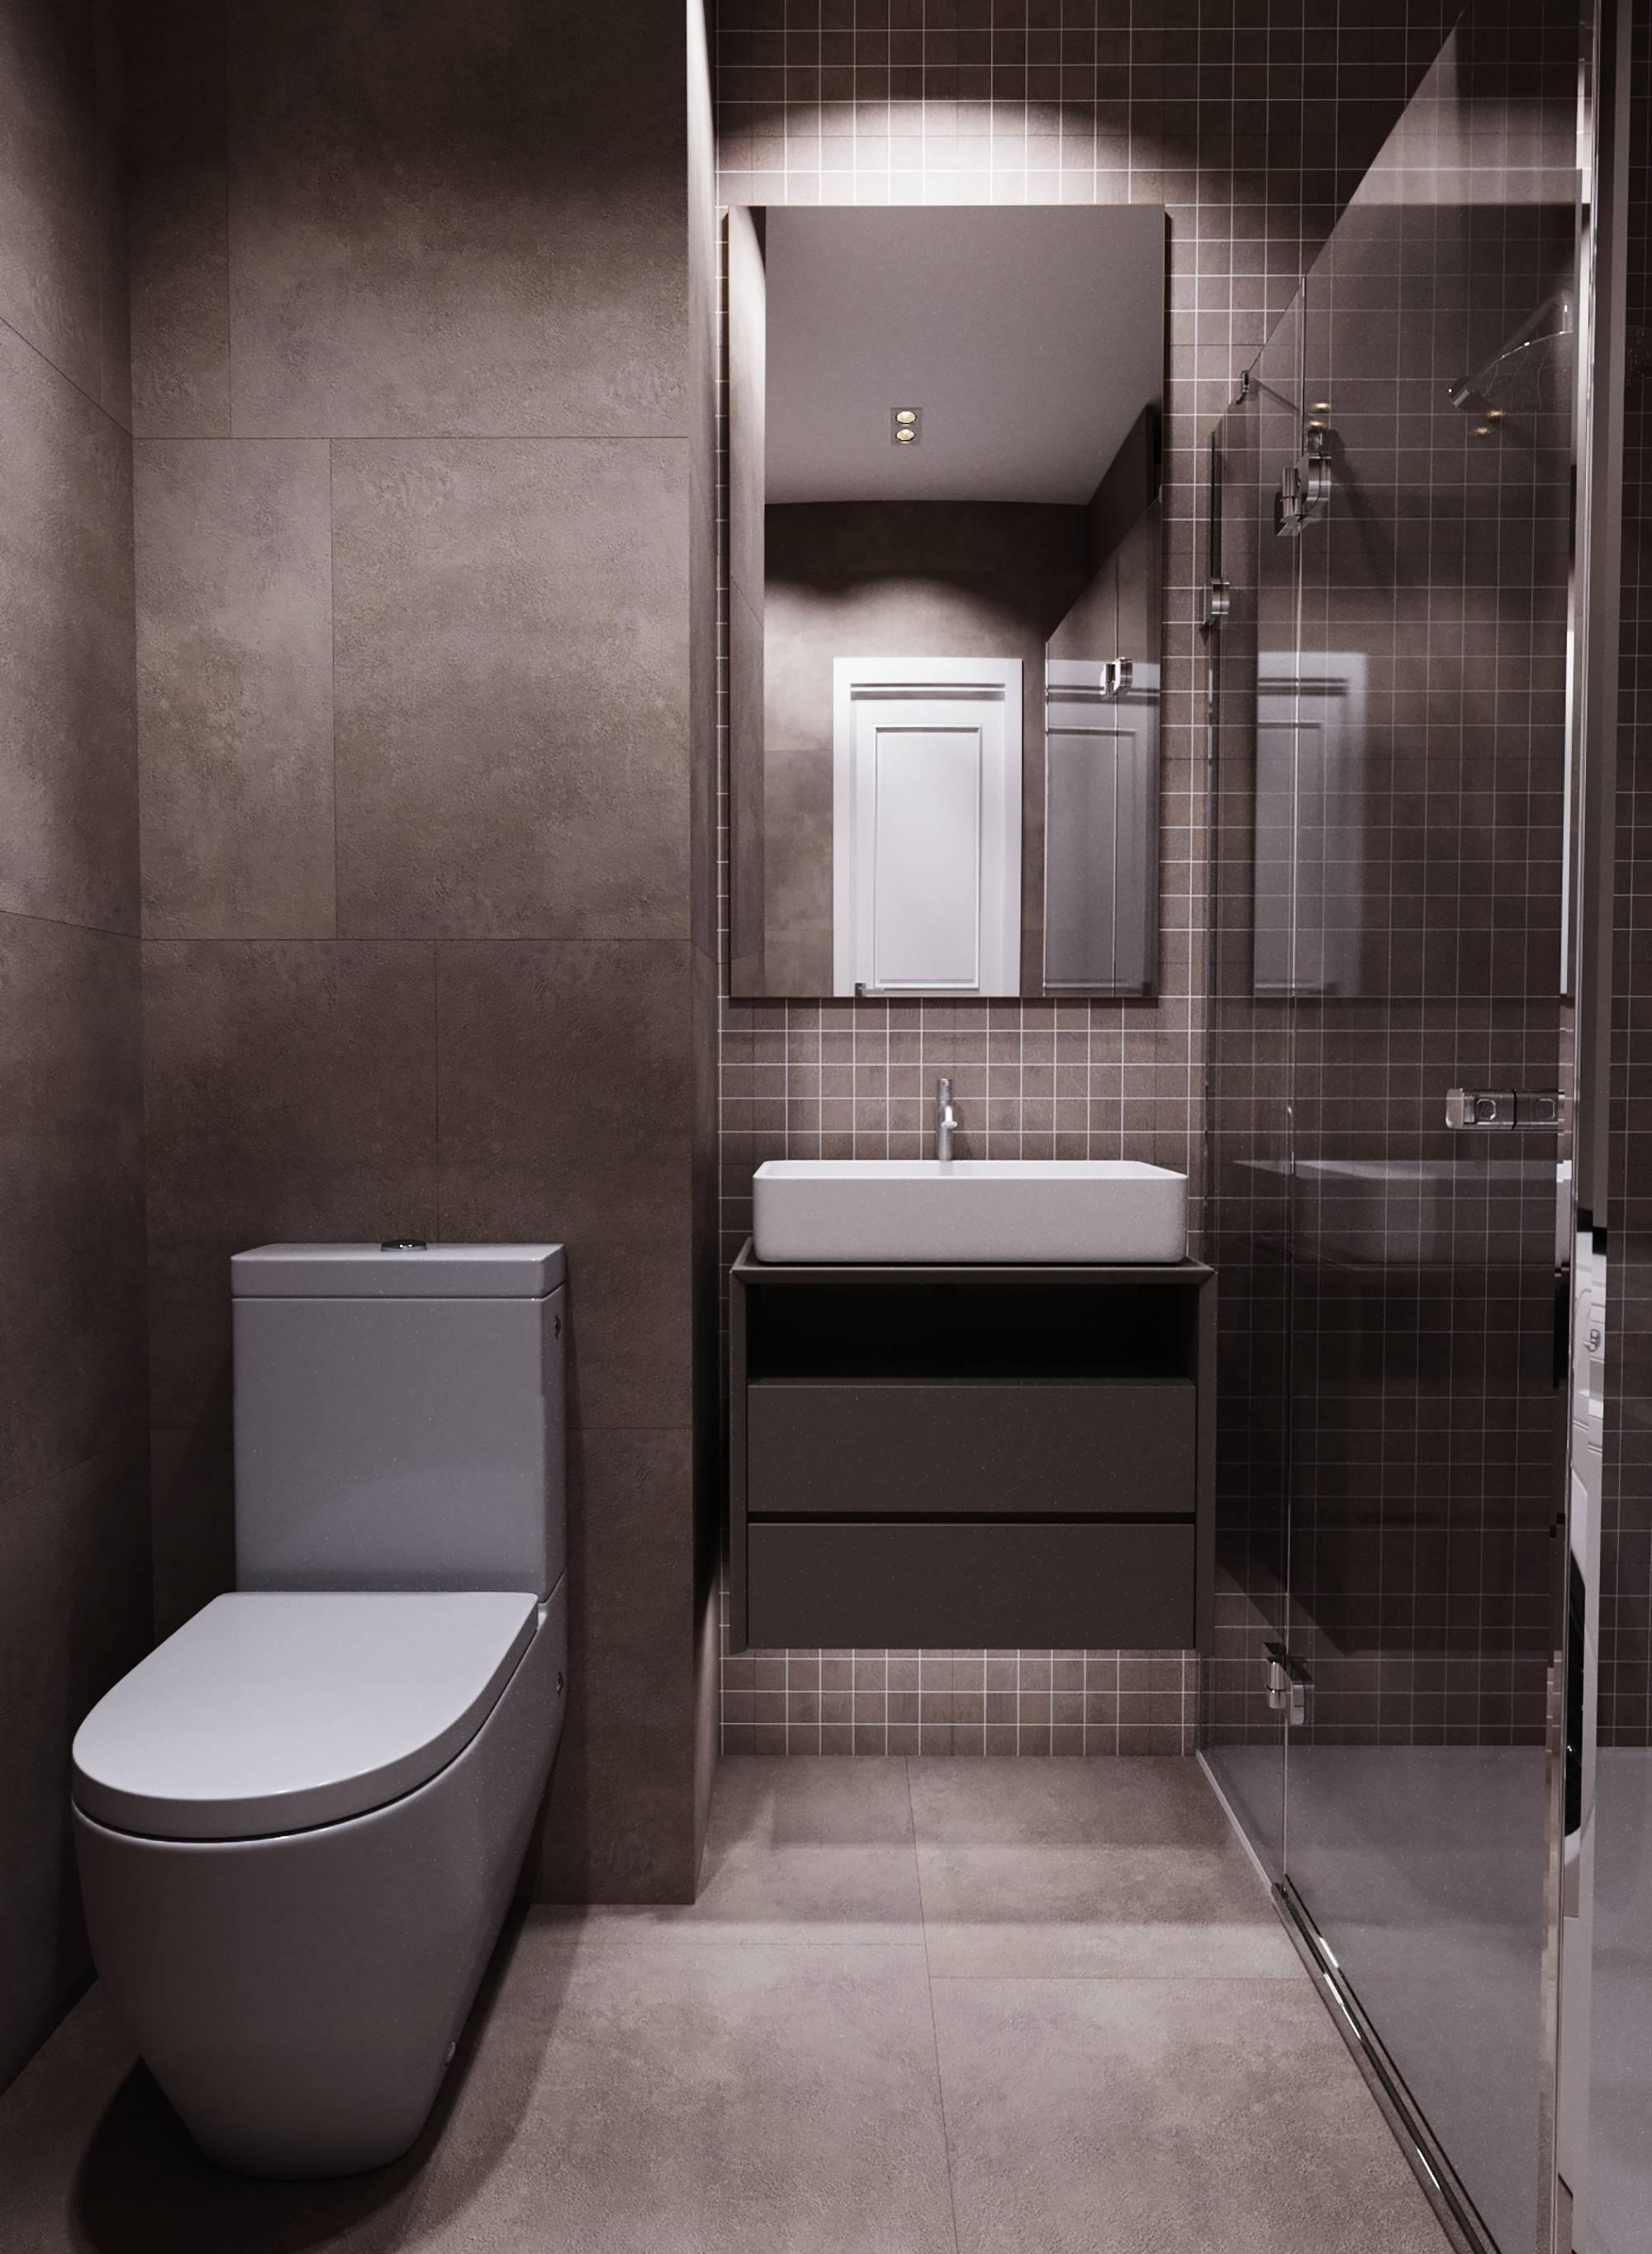 Душевая кабина в маленькой ванной комнате: недостатки и советы по установке